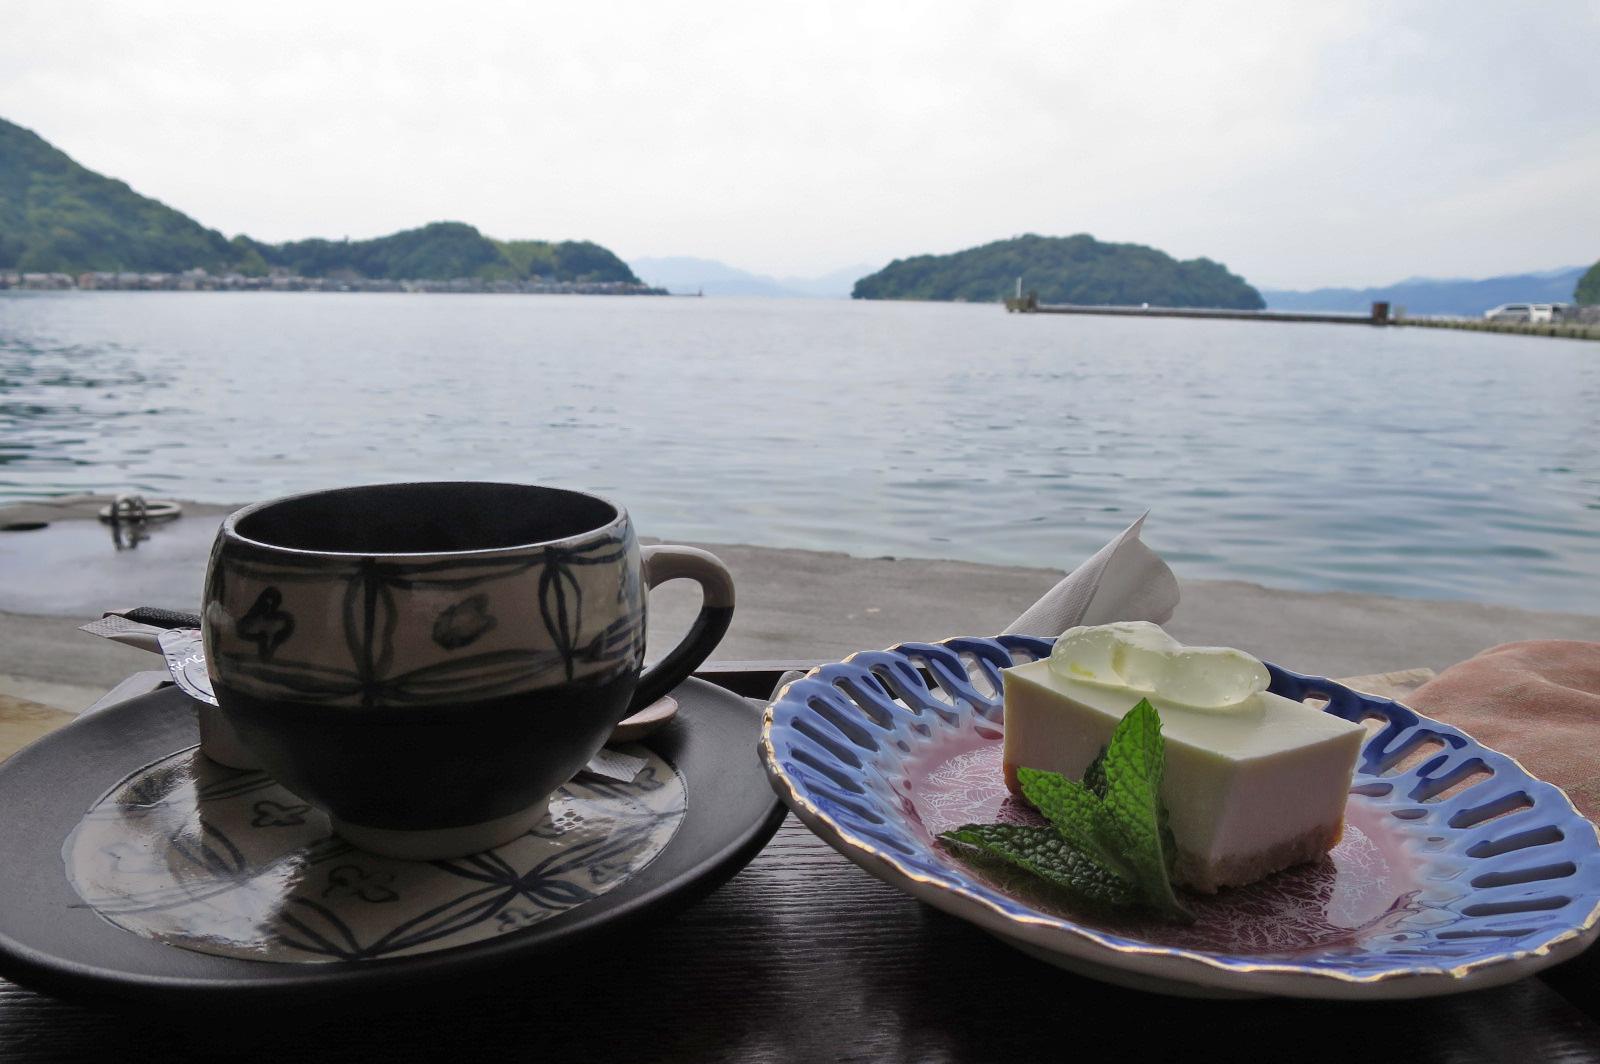 せっかくなので、海側の席でコーヒーとチーズケーキをいただきました!!おいしぃーーーー。